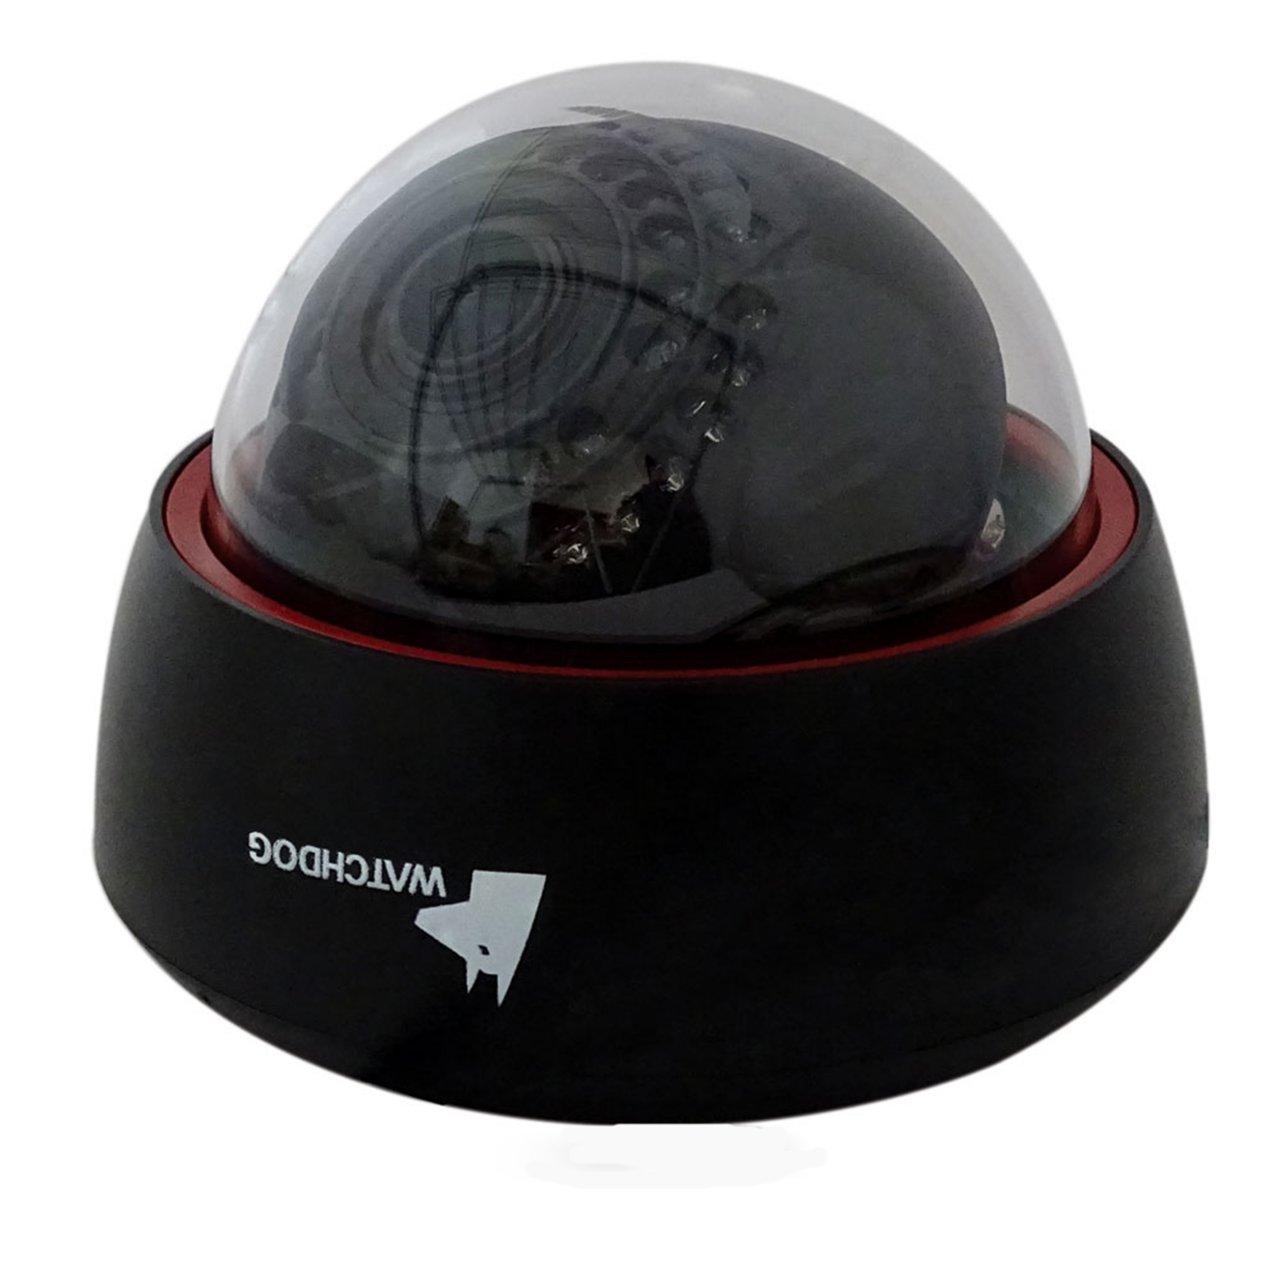 دوربین مدار بسته آنالوگ واچ داگ مدل WD-9050FD